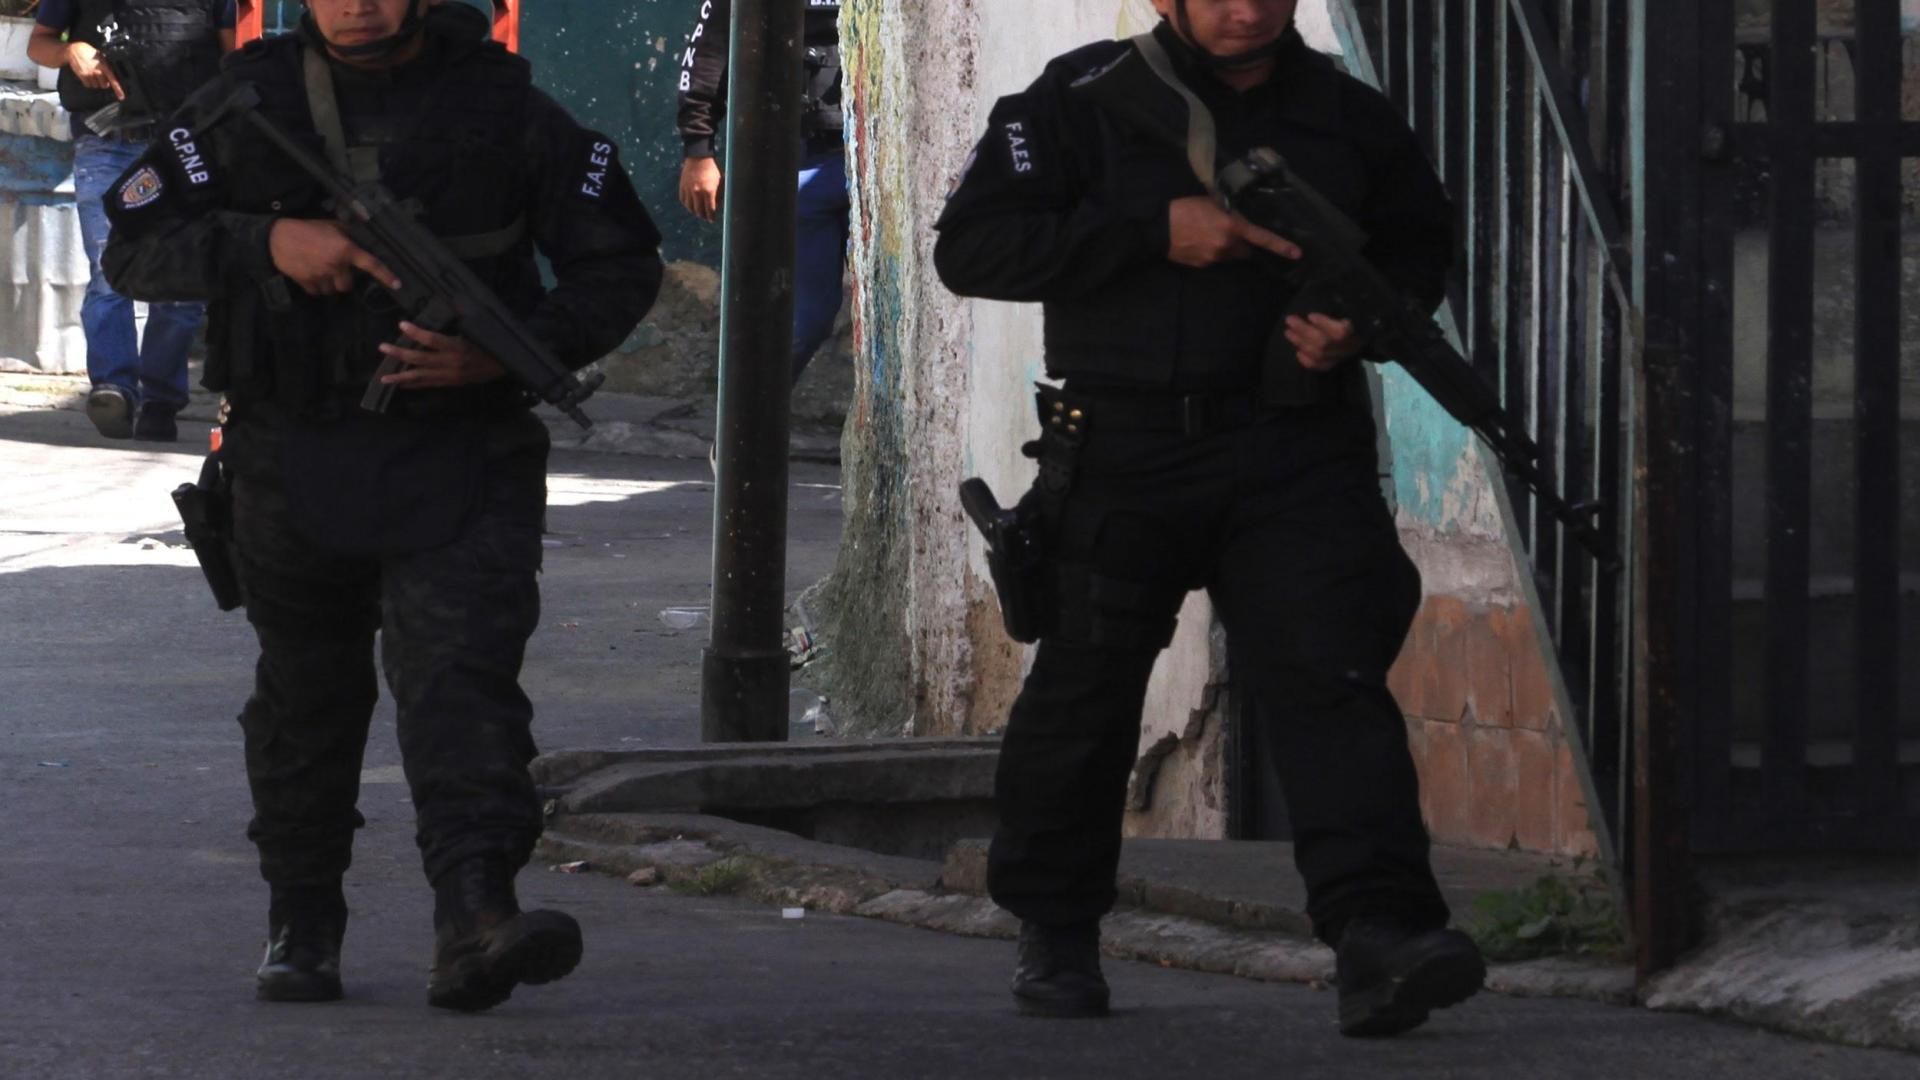 #MonitorDeVíctimas | Las FAES mataron a más de dos personas por día en abril